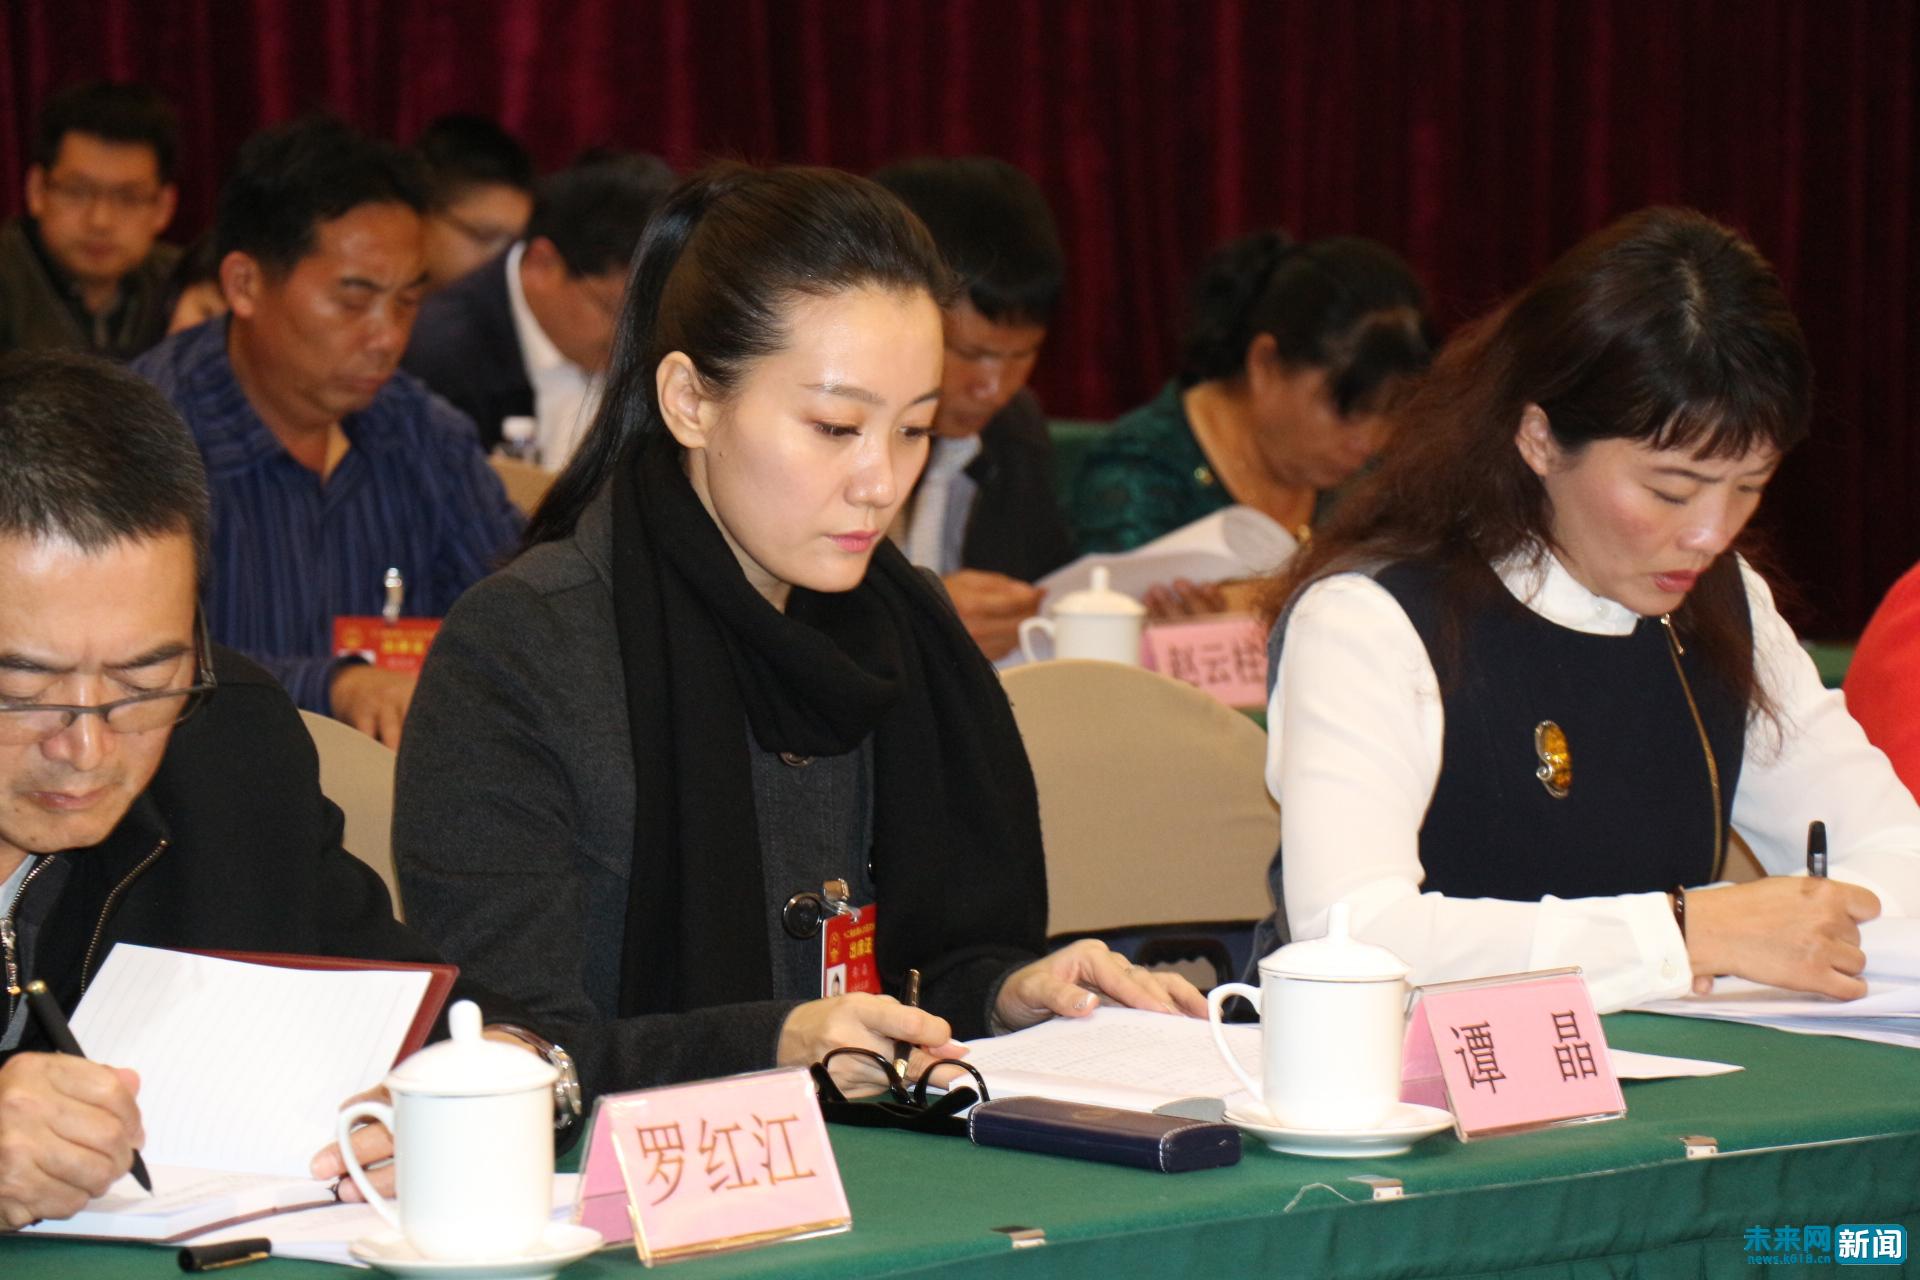 谭晶首次出席云南代表团会议:已不再是军人 (图)